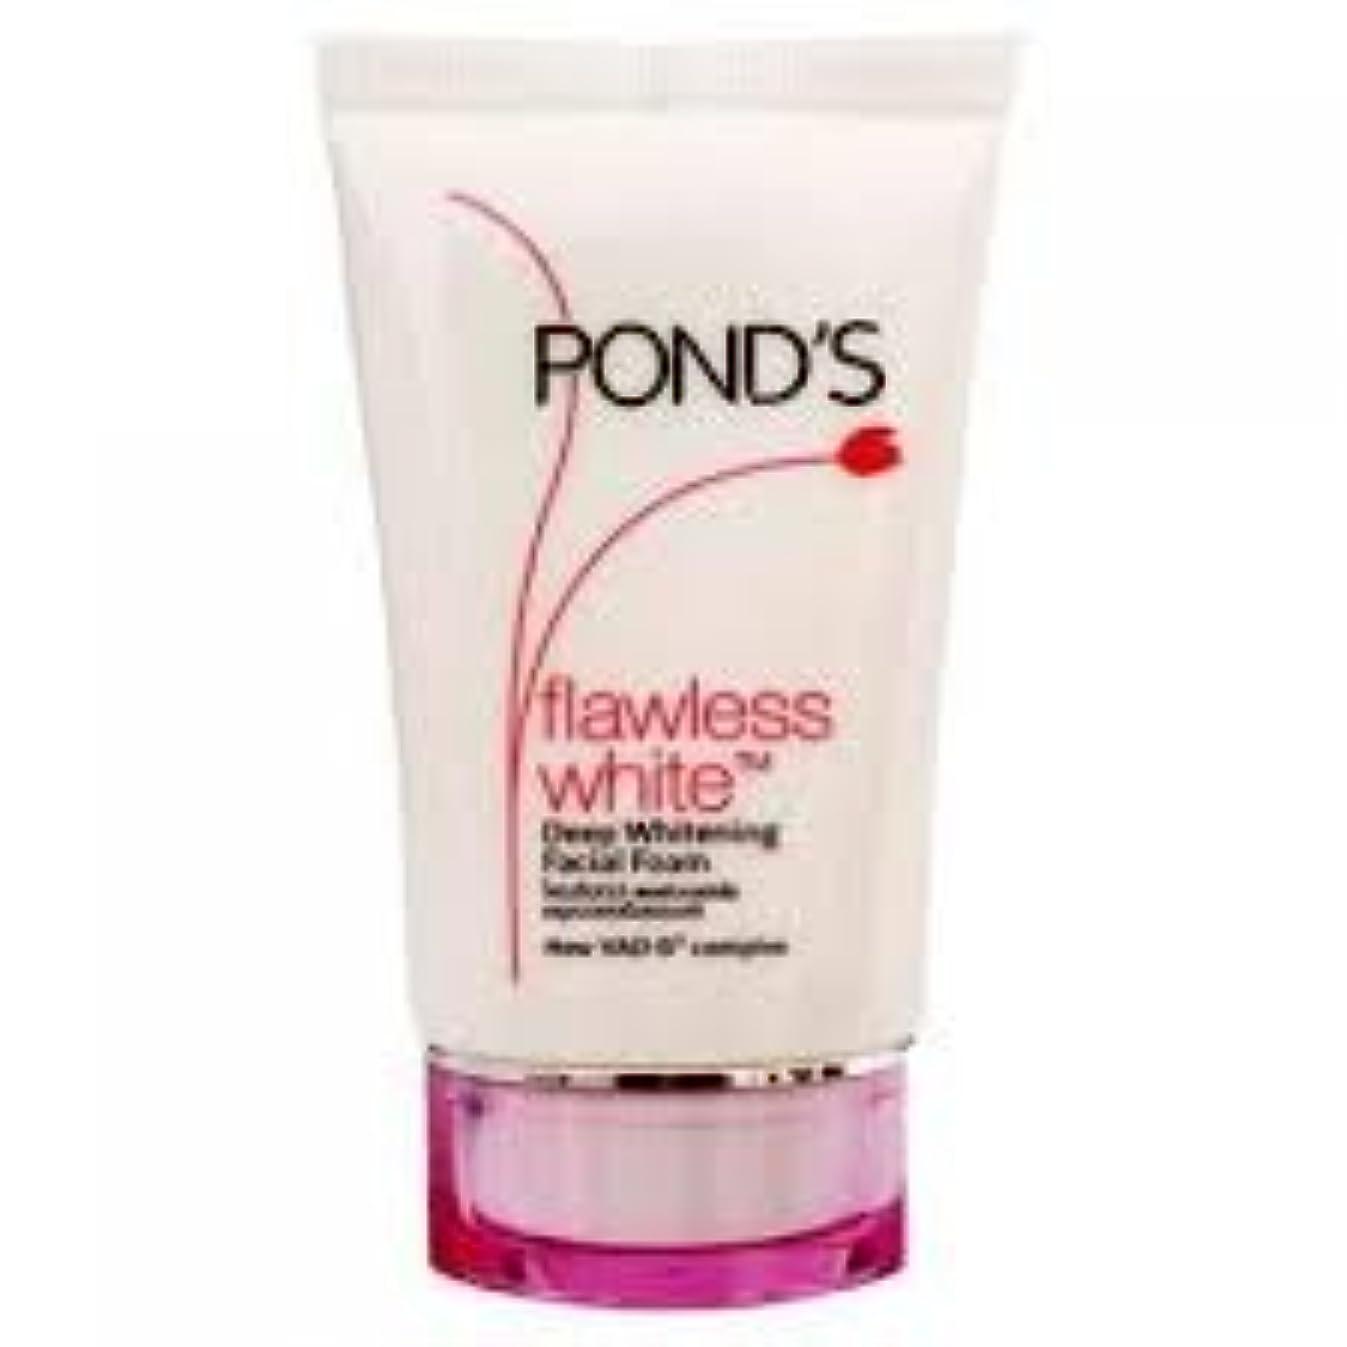 アンテナドロップホームポンズ フローレス ホワイトニング フェイシャルフォーム Ponds Flawless White Deep Whitening Facial Foam 50g